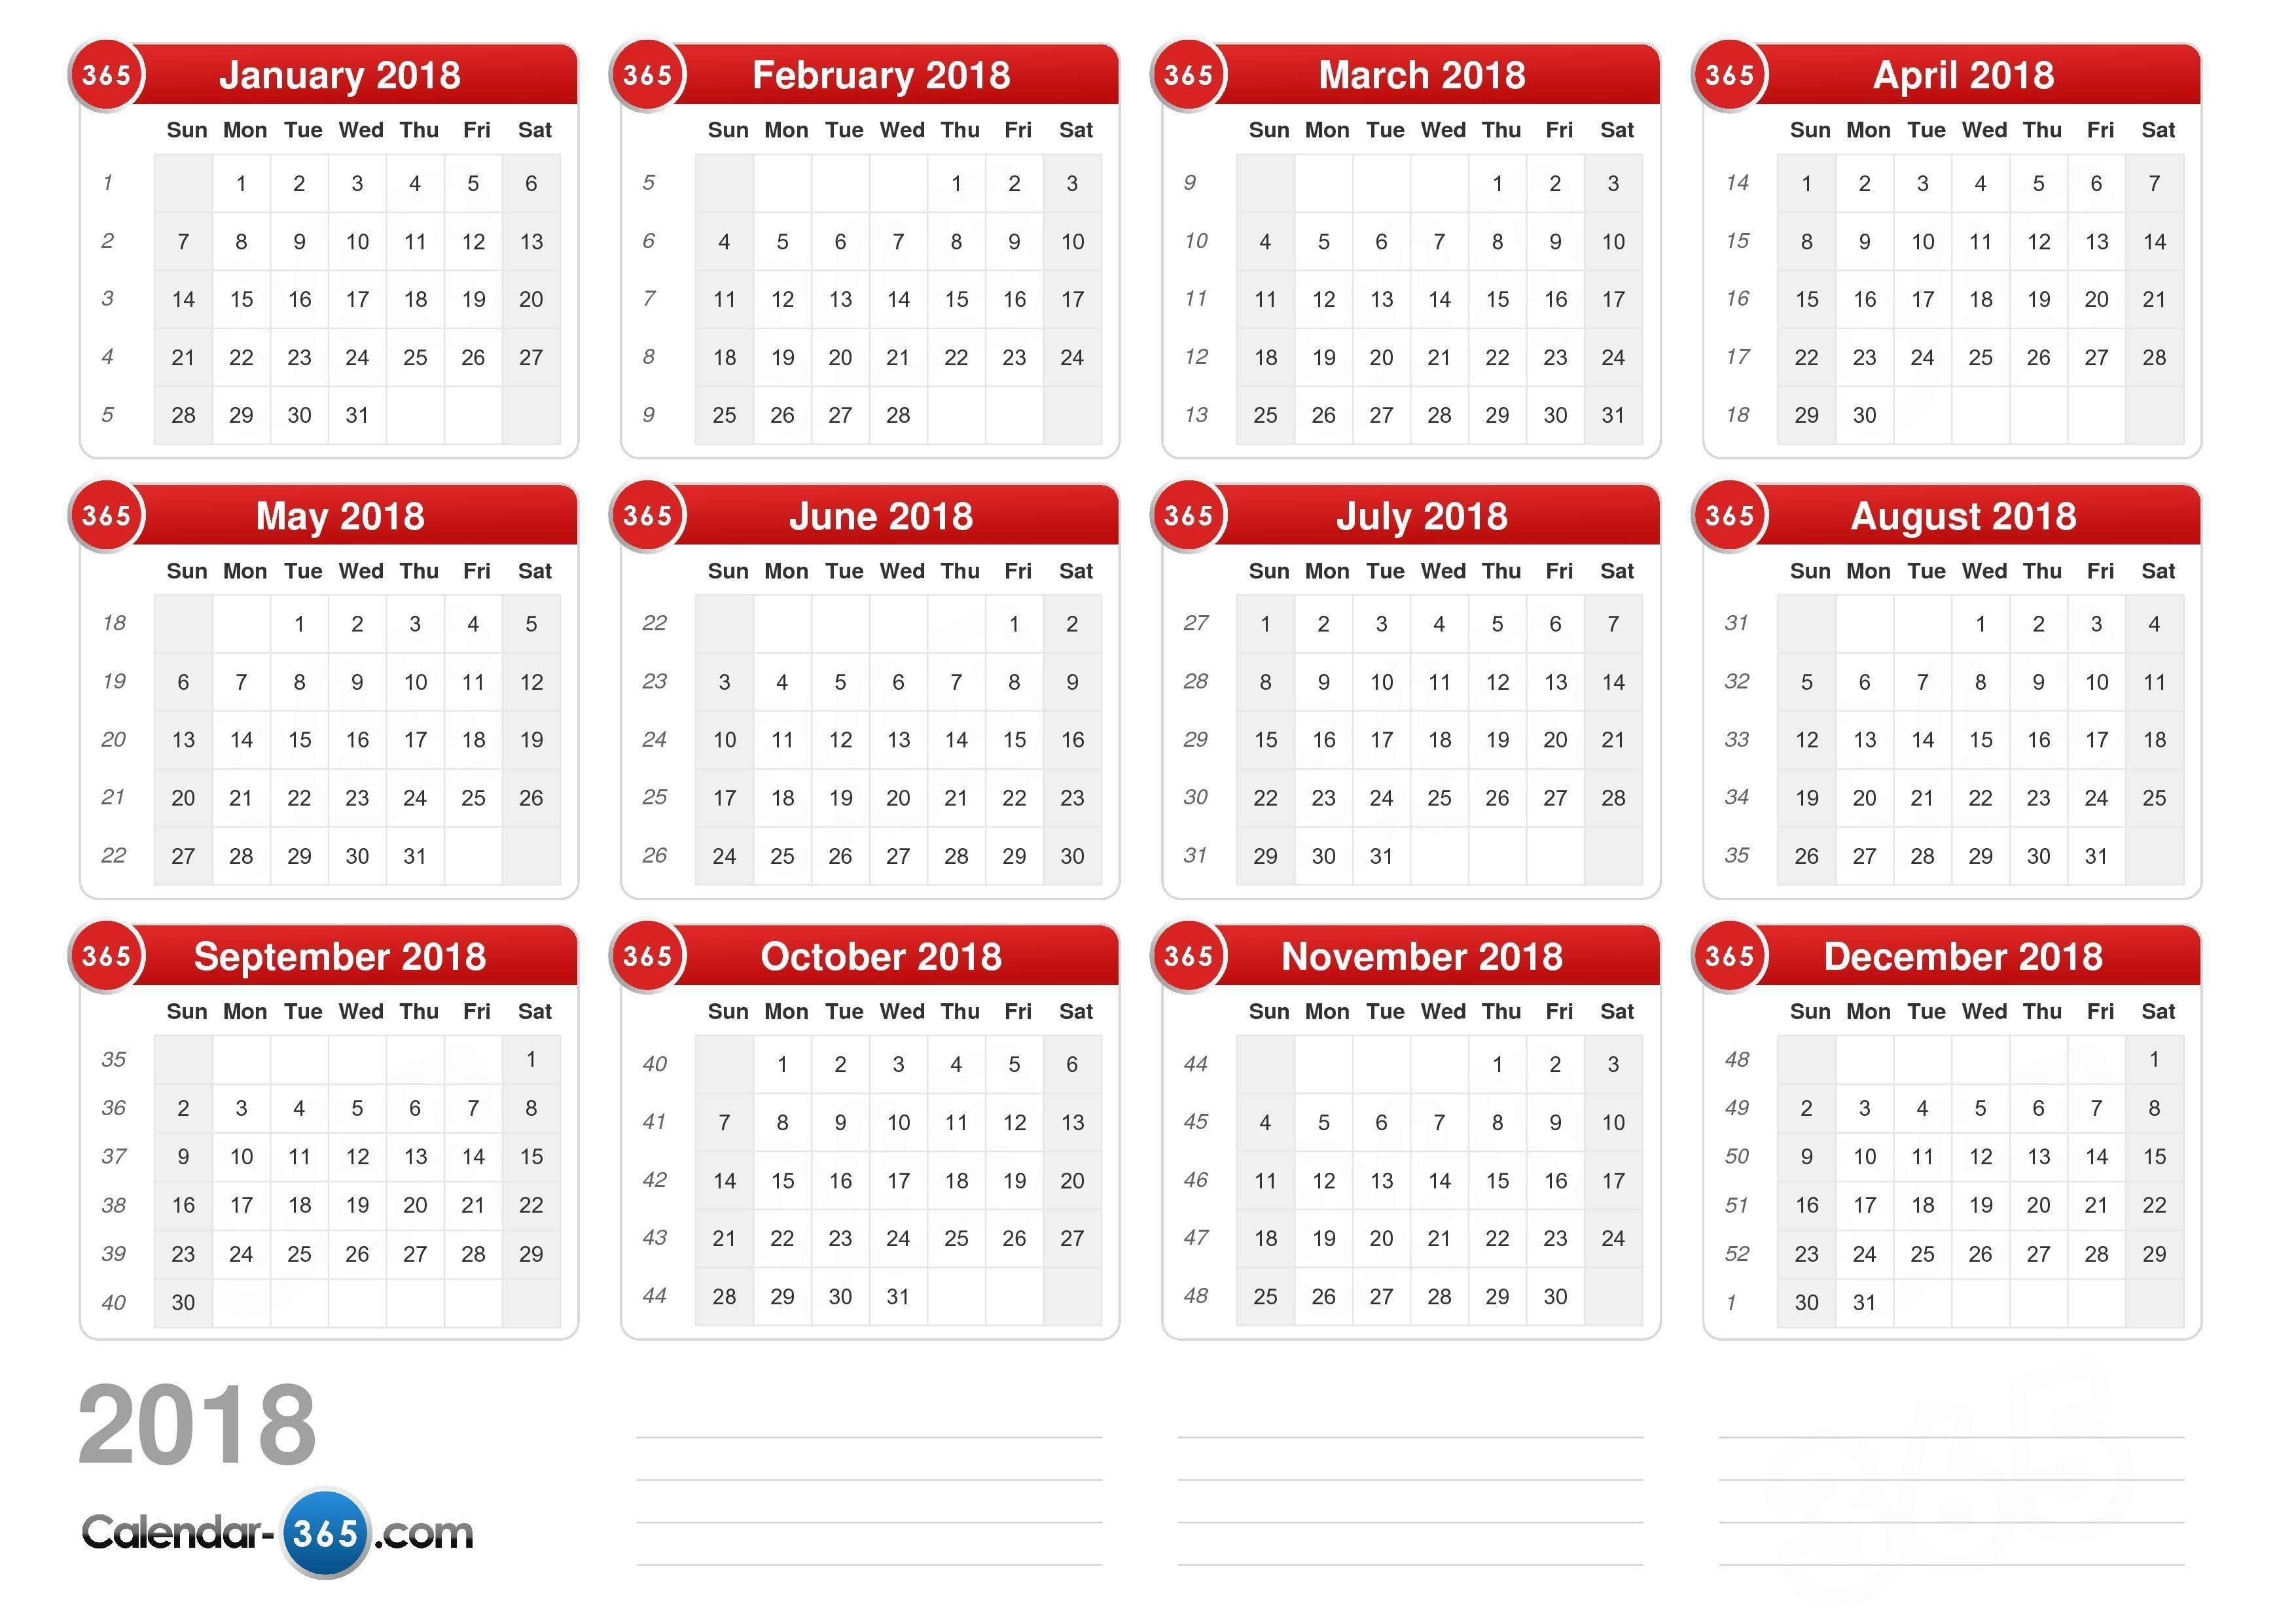 2018 Calendar Calendar Week 39 2019